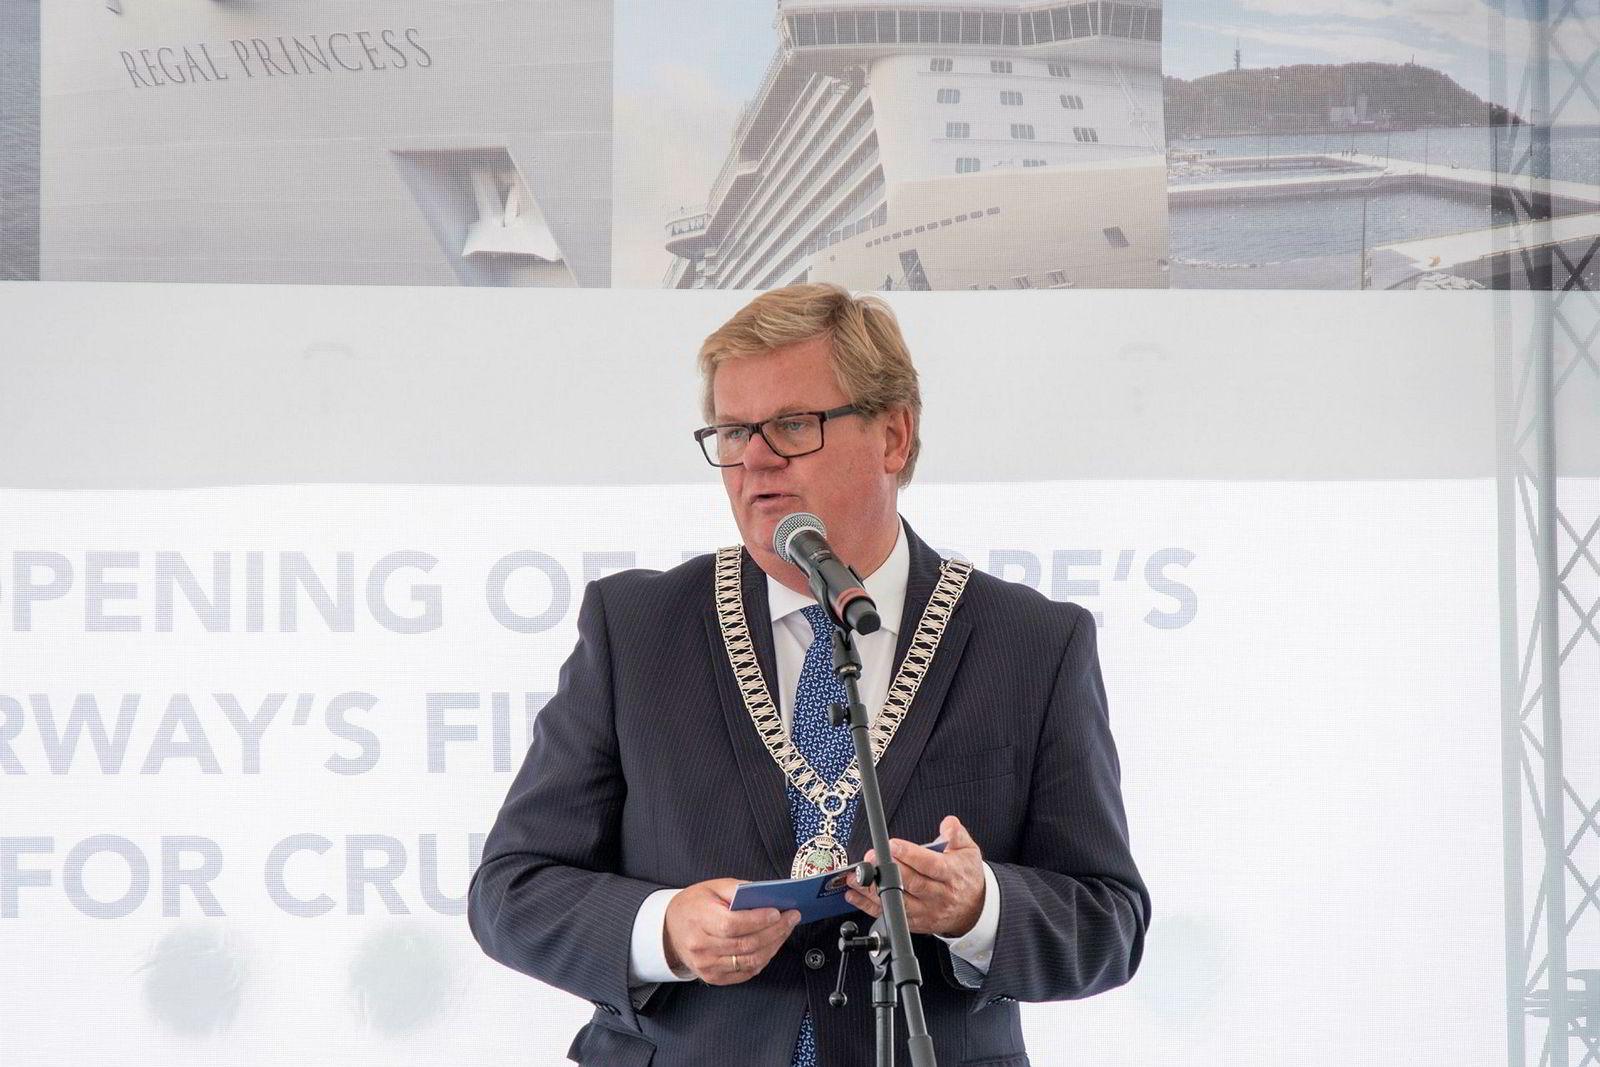 Harald Furre ble kastet som ordfører i Kristiansand ved høstens valg og skylder blant annet på den kontroversielle facebooksiden Sørlandsnyhetene.